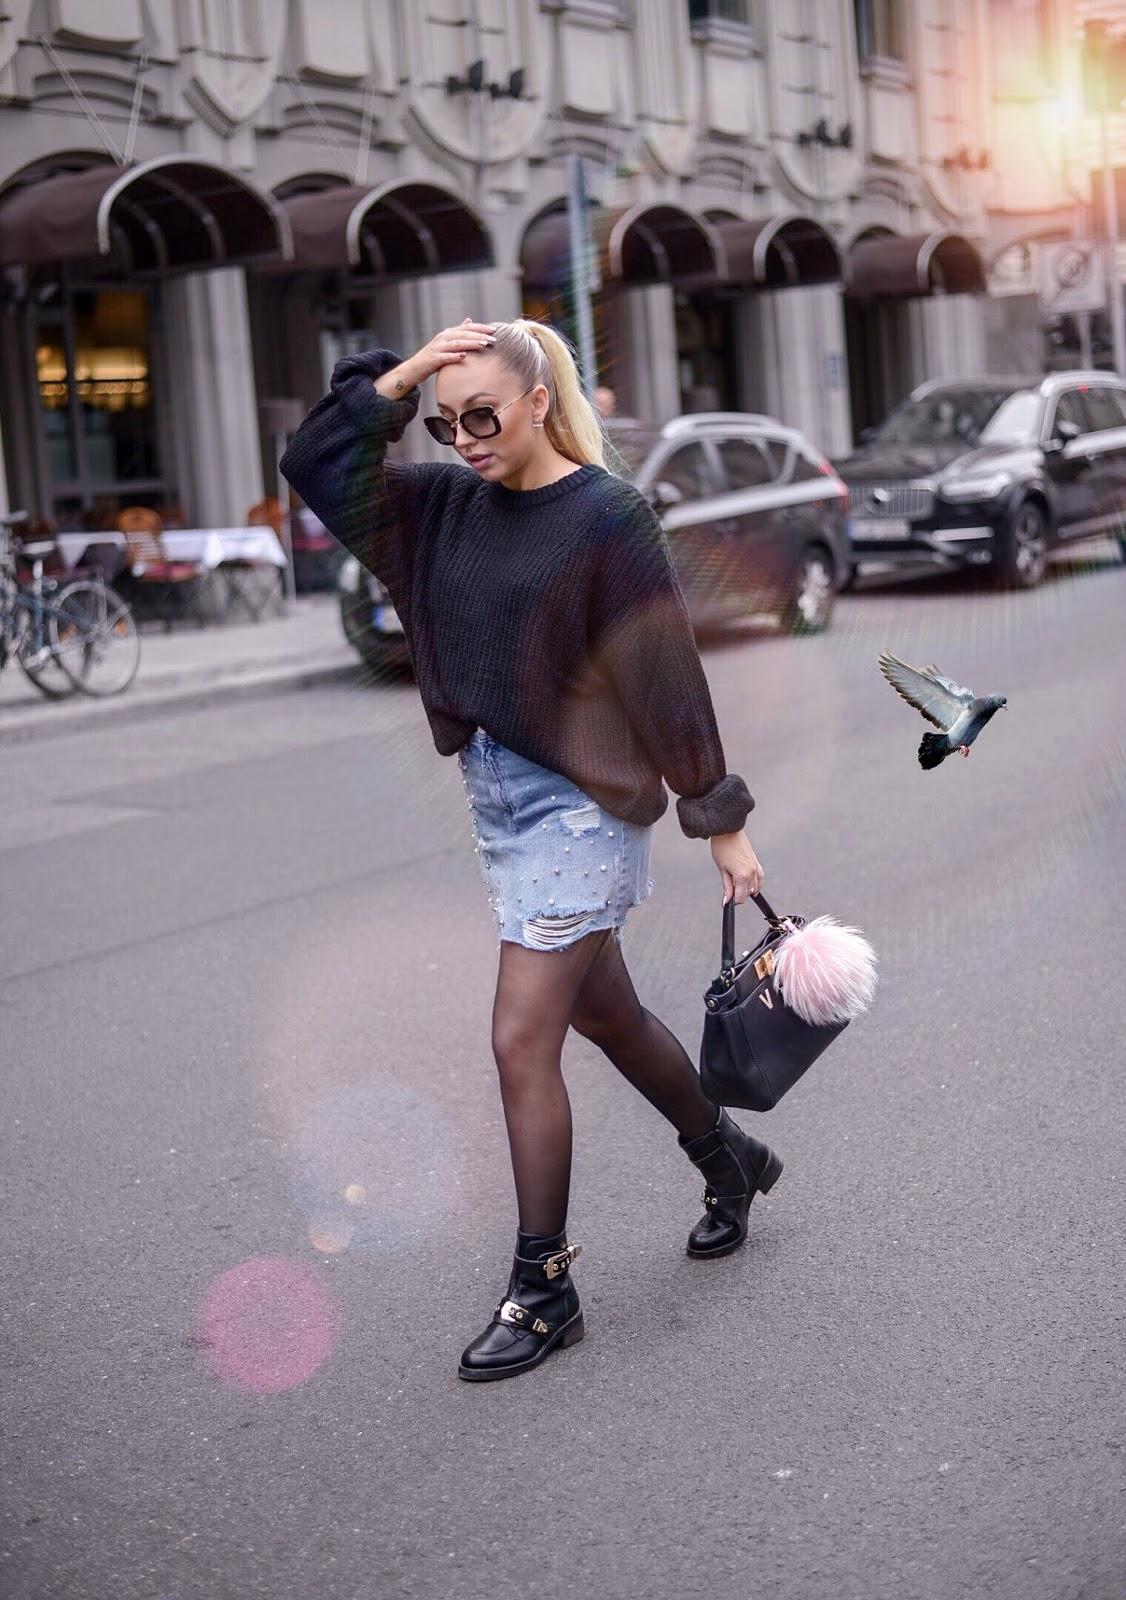 denim skirt for fall_denim skirt looks_denim skirt outfits_fall streetstyle inspiration_black chunky knit sweater